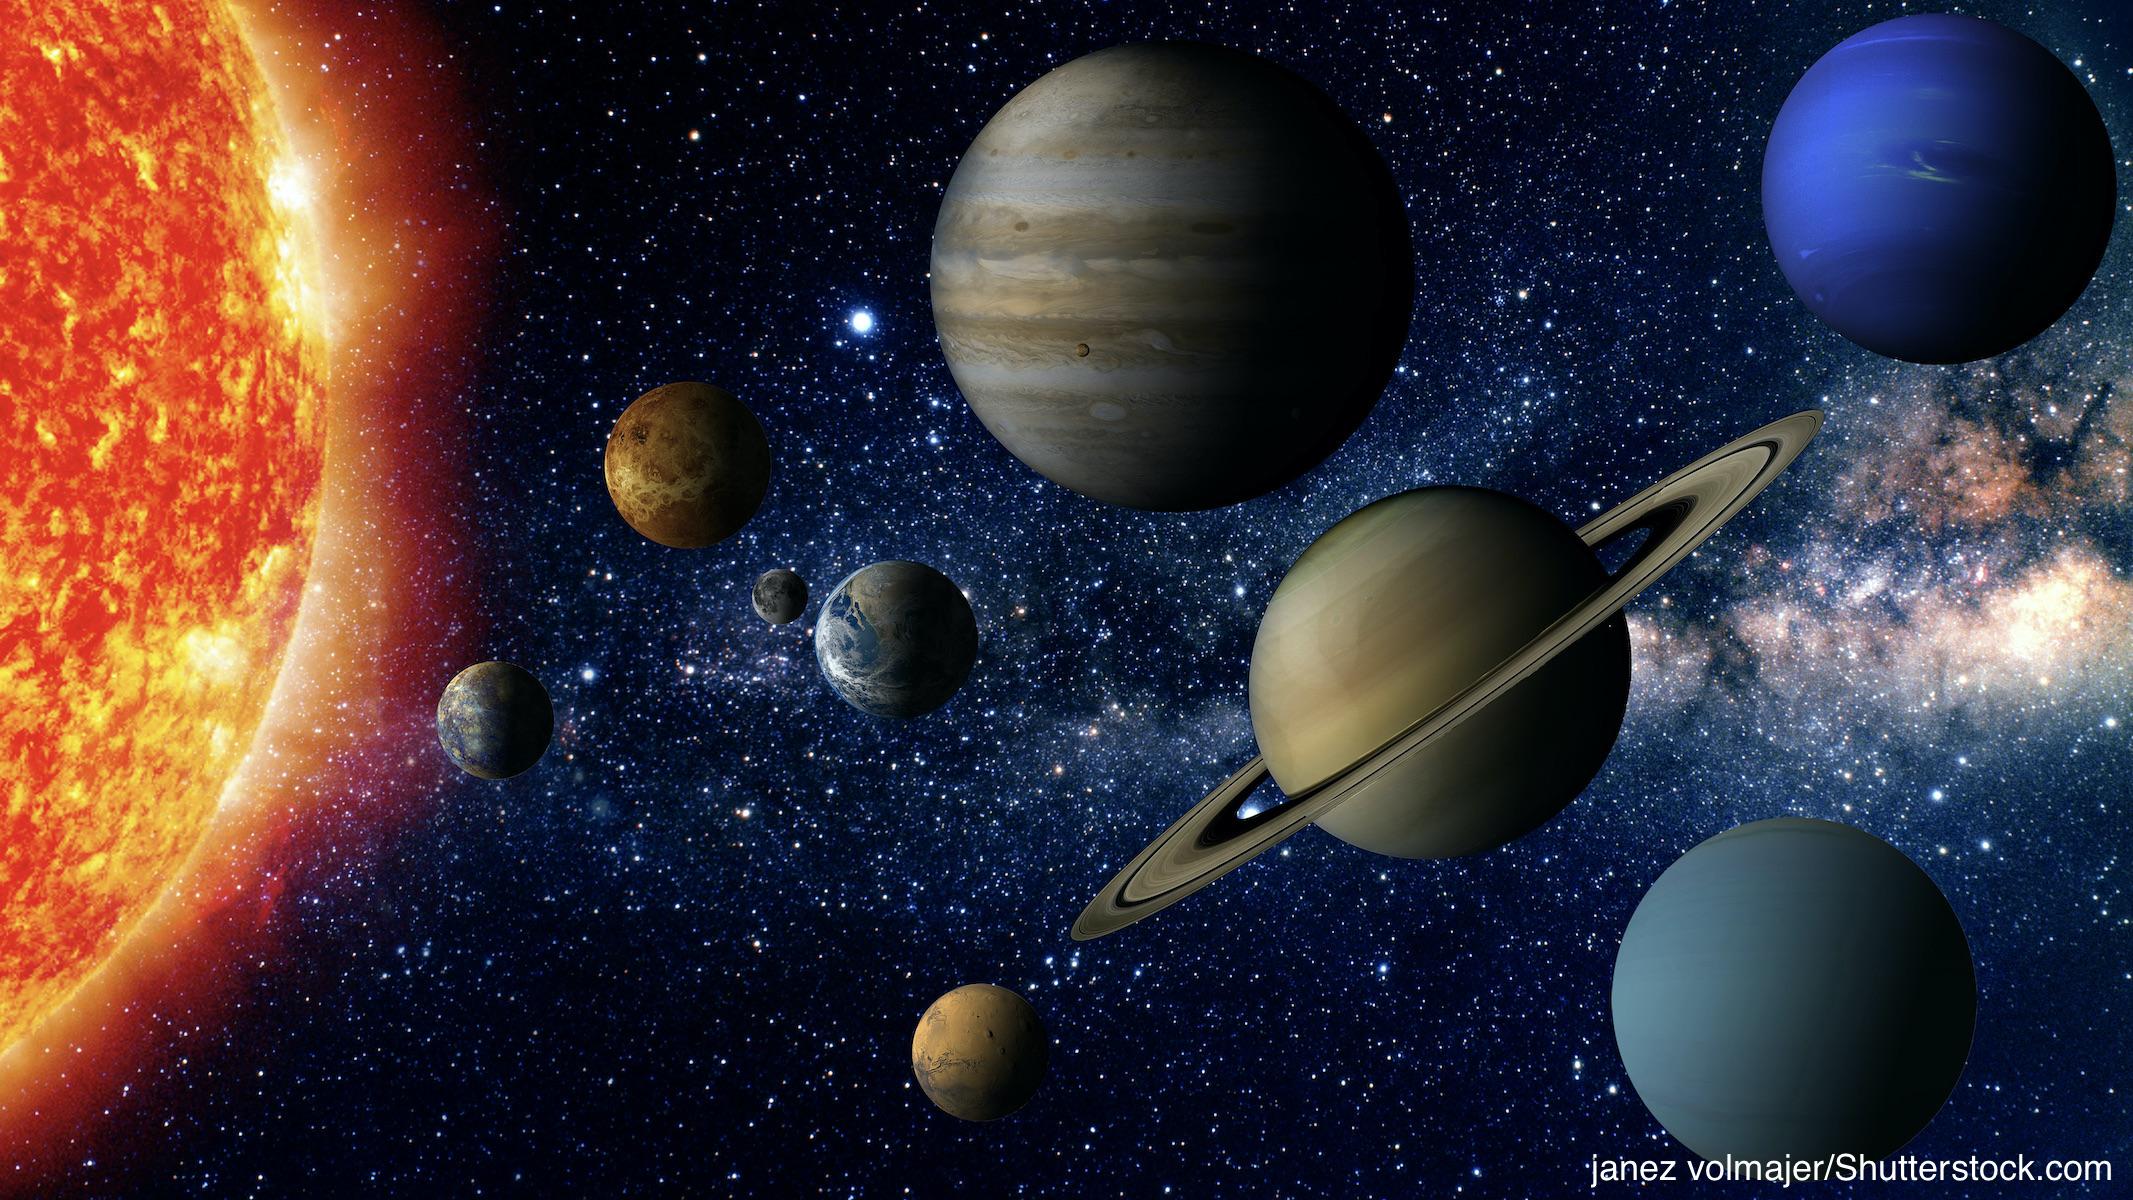 調べ学習 <ruby><rb>惑星</rb><rp>(</rp><rt>わくせい</rt><rp>)</rp></ruby>ランキングをつくろう